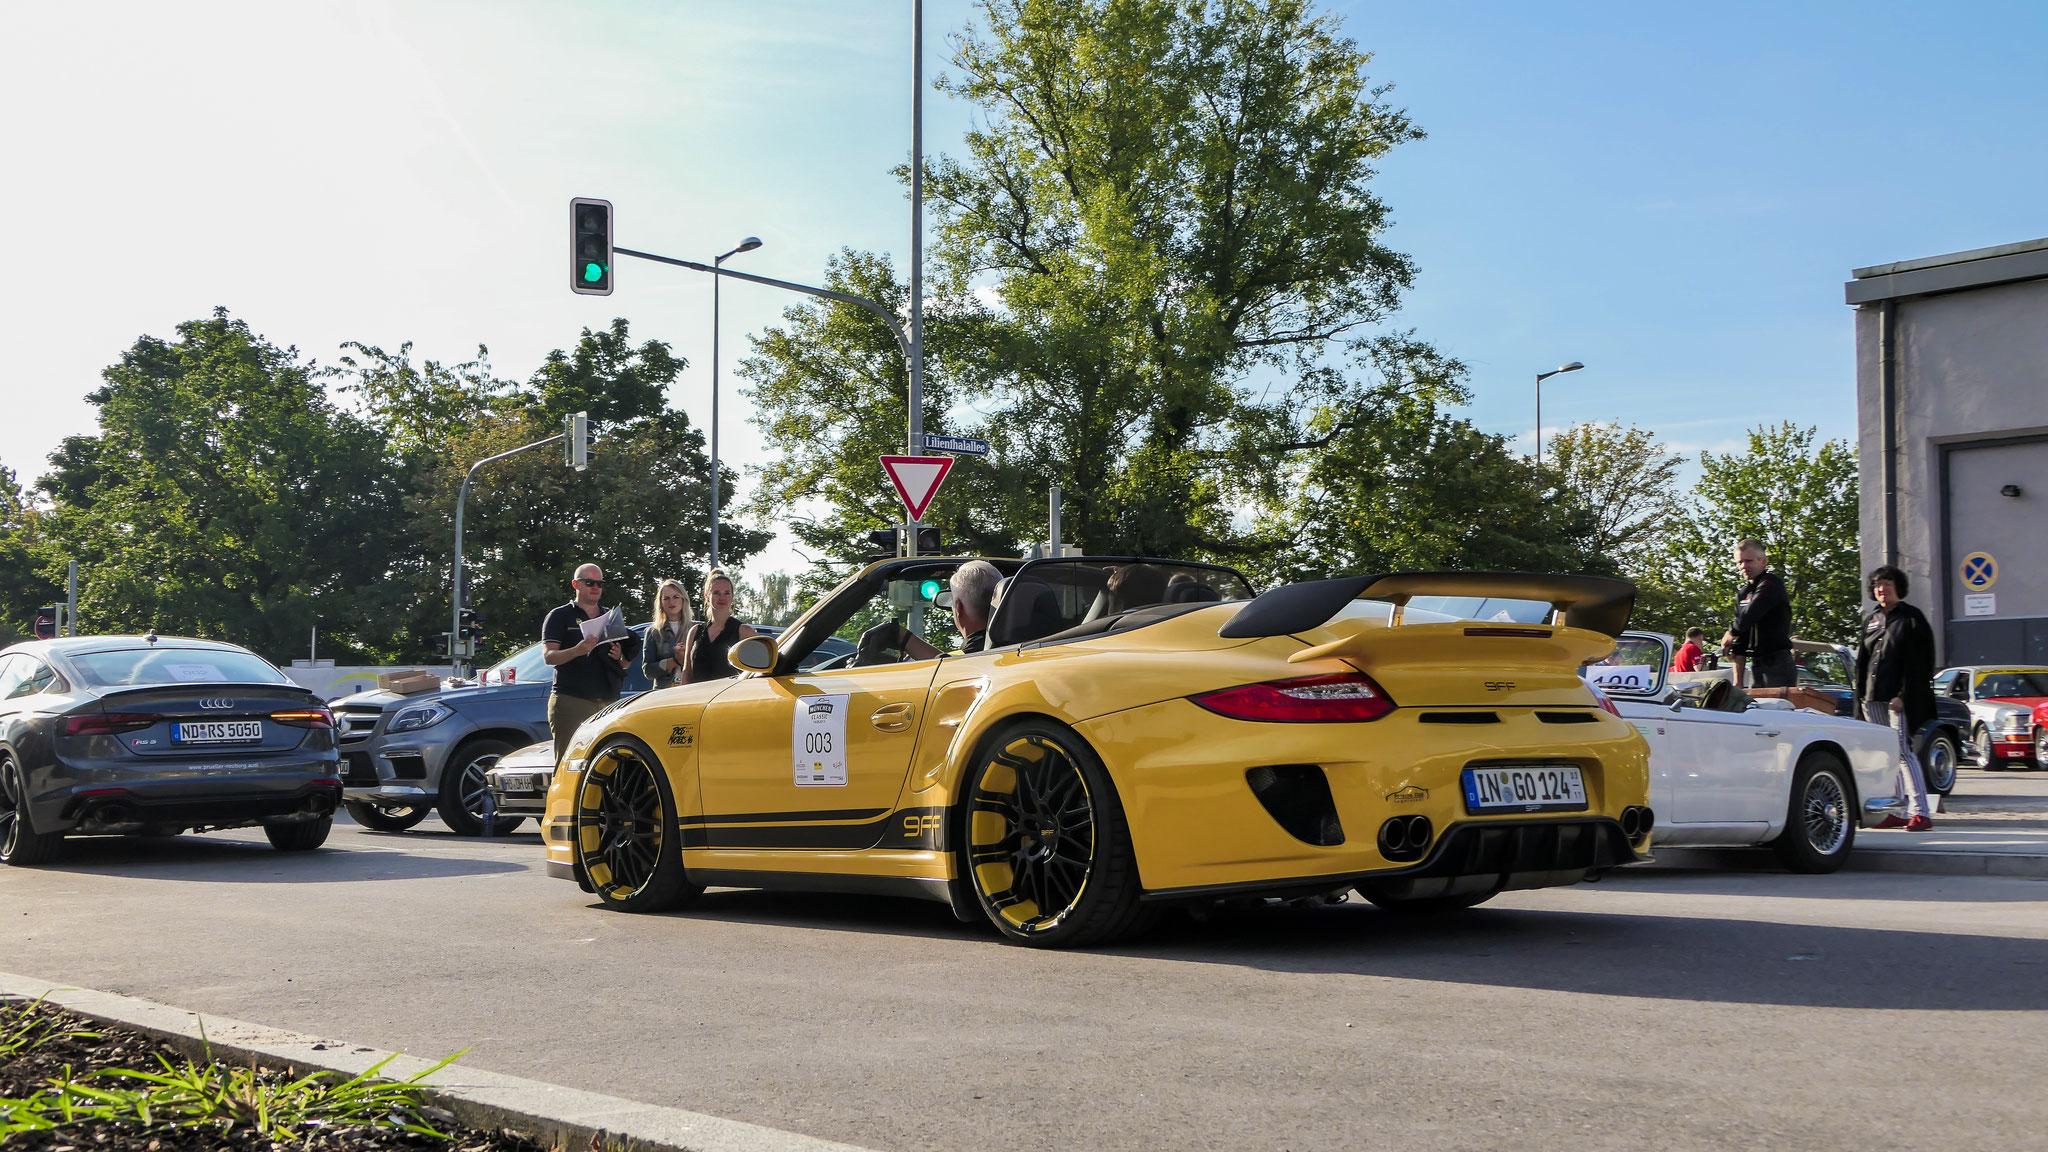 Porsche 998 9ff - IN-GO-124